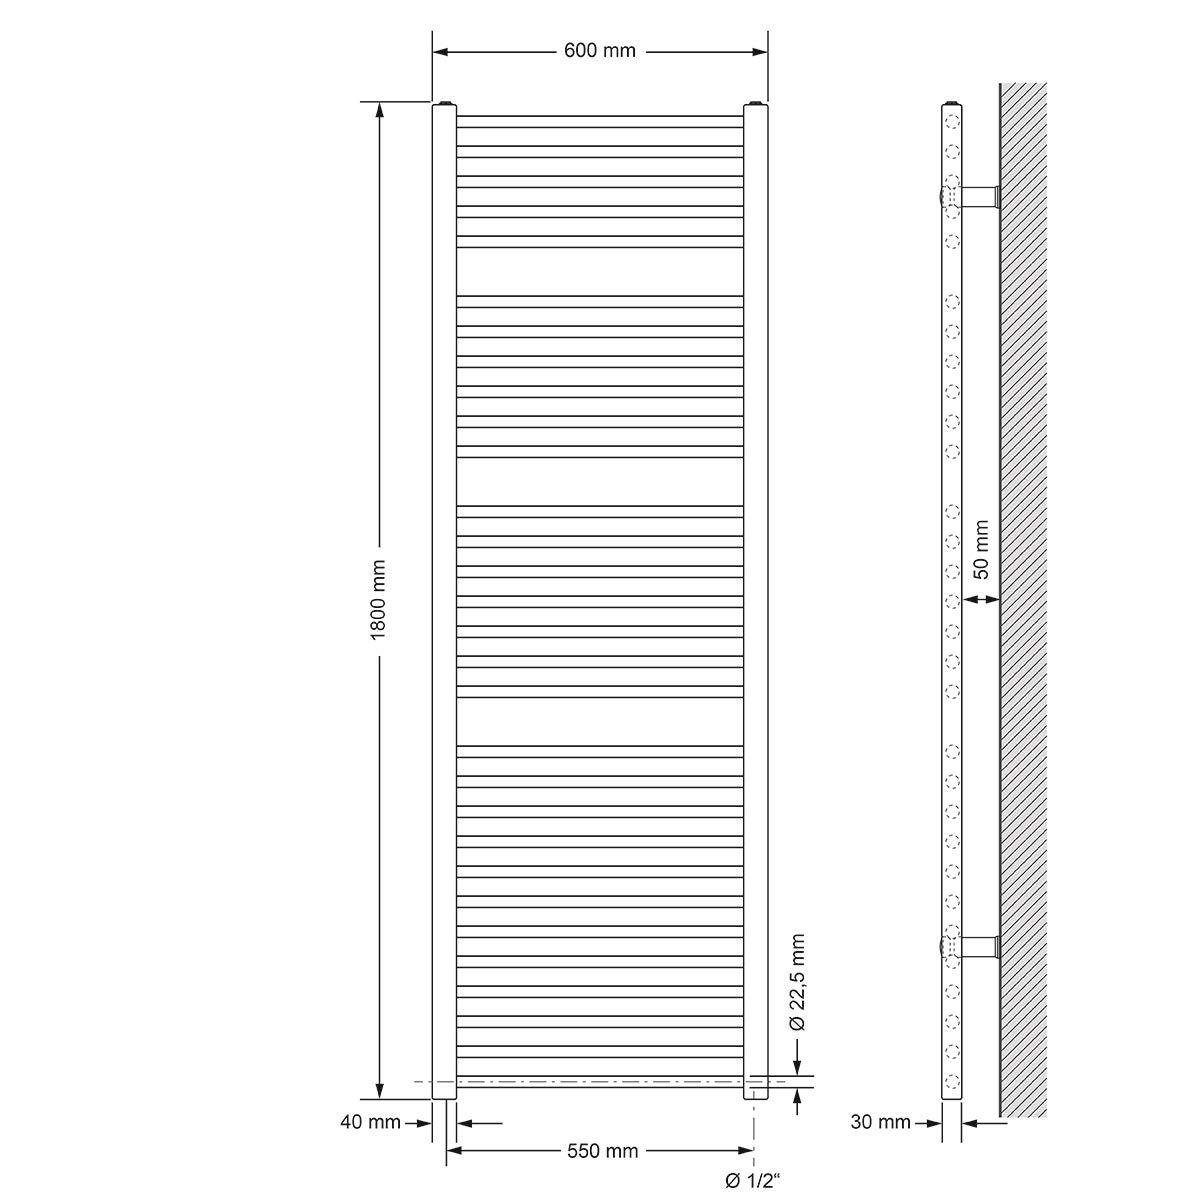 gerade mit Seitenanschluss Heizk/örper Handtuchw/ärmer Handtuchtrockner Wei/ß 400 x 1500 mm ECD Germany Badheizk/örper Elektrisch 1200W